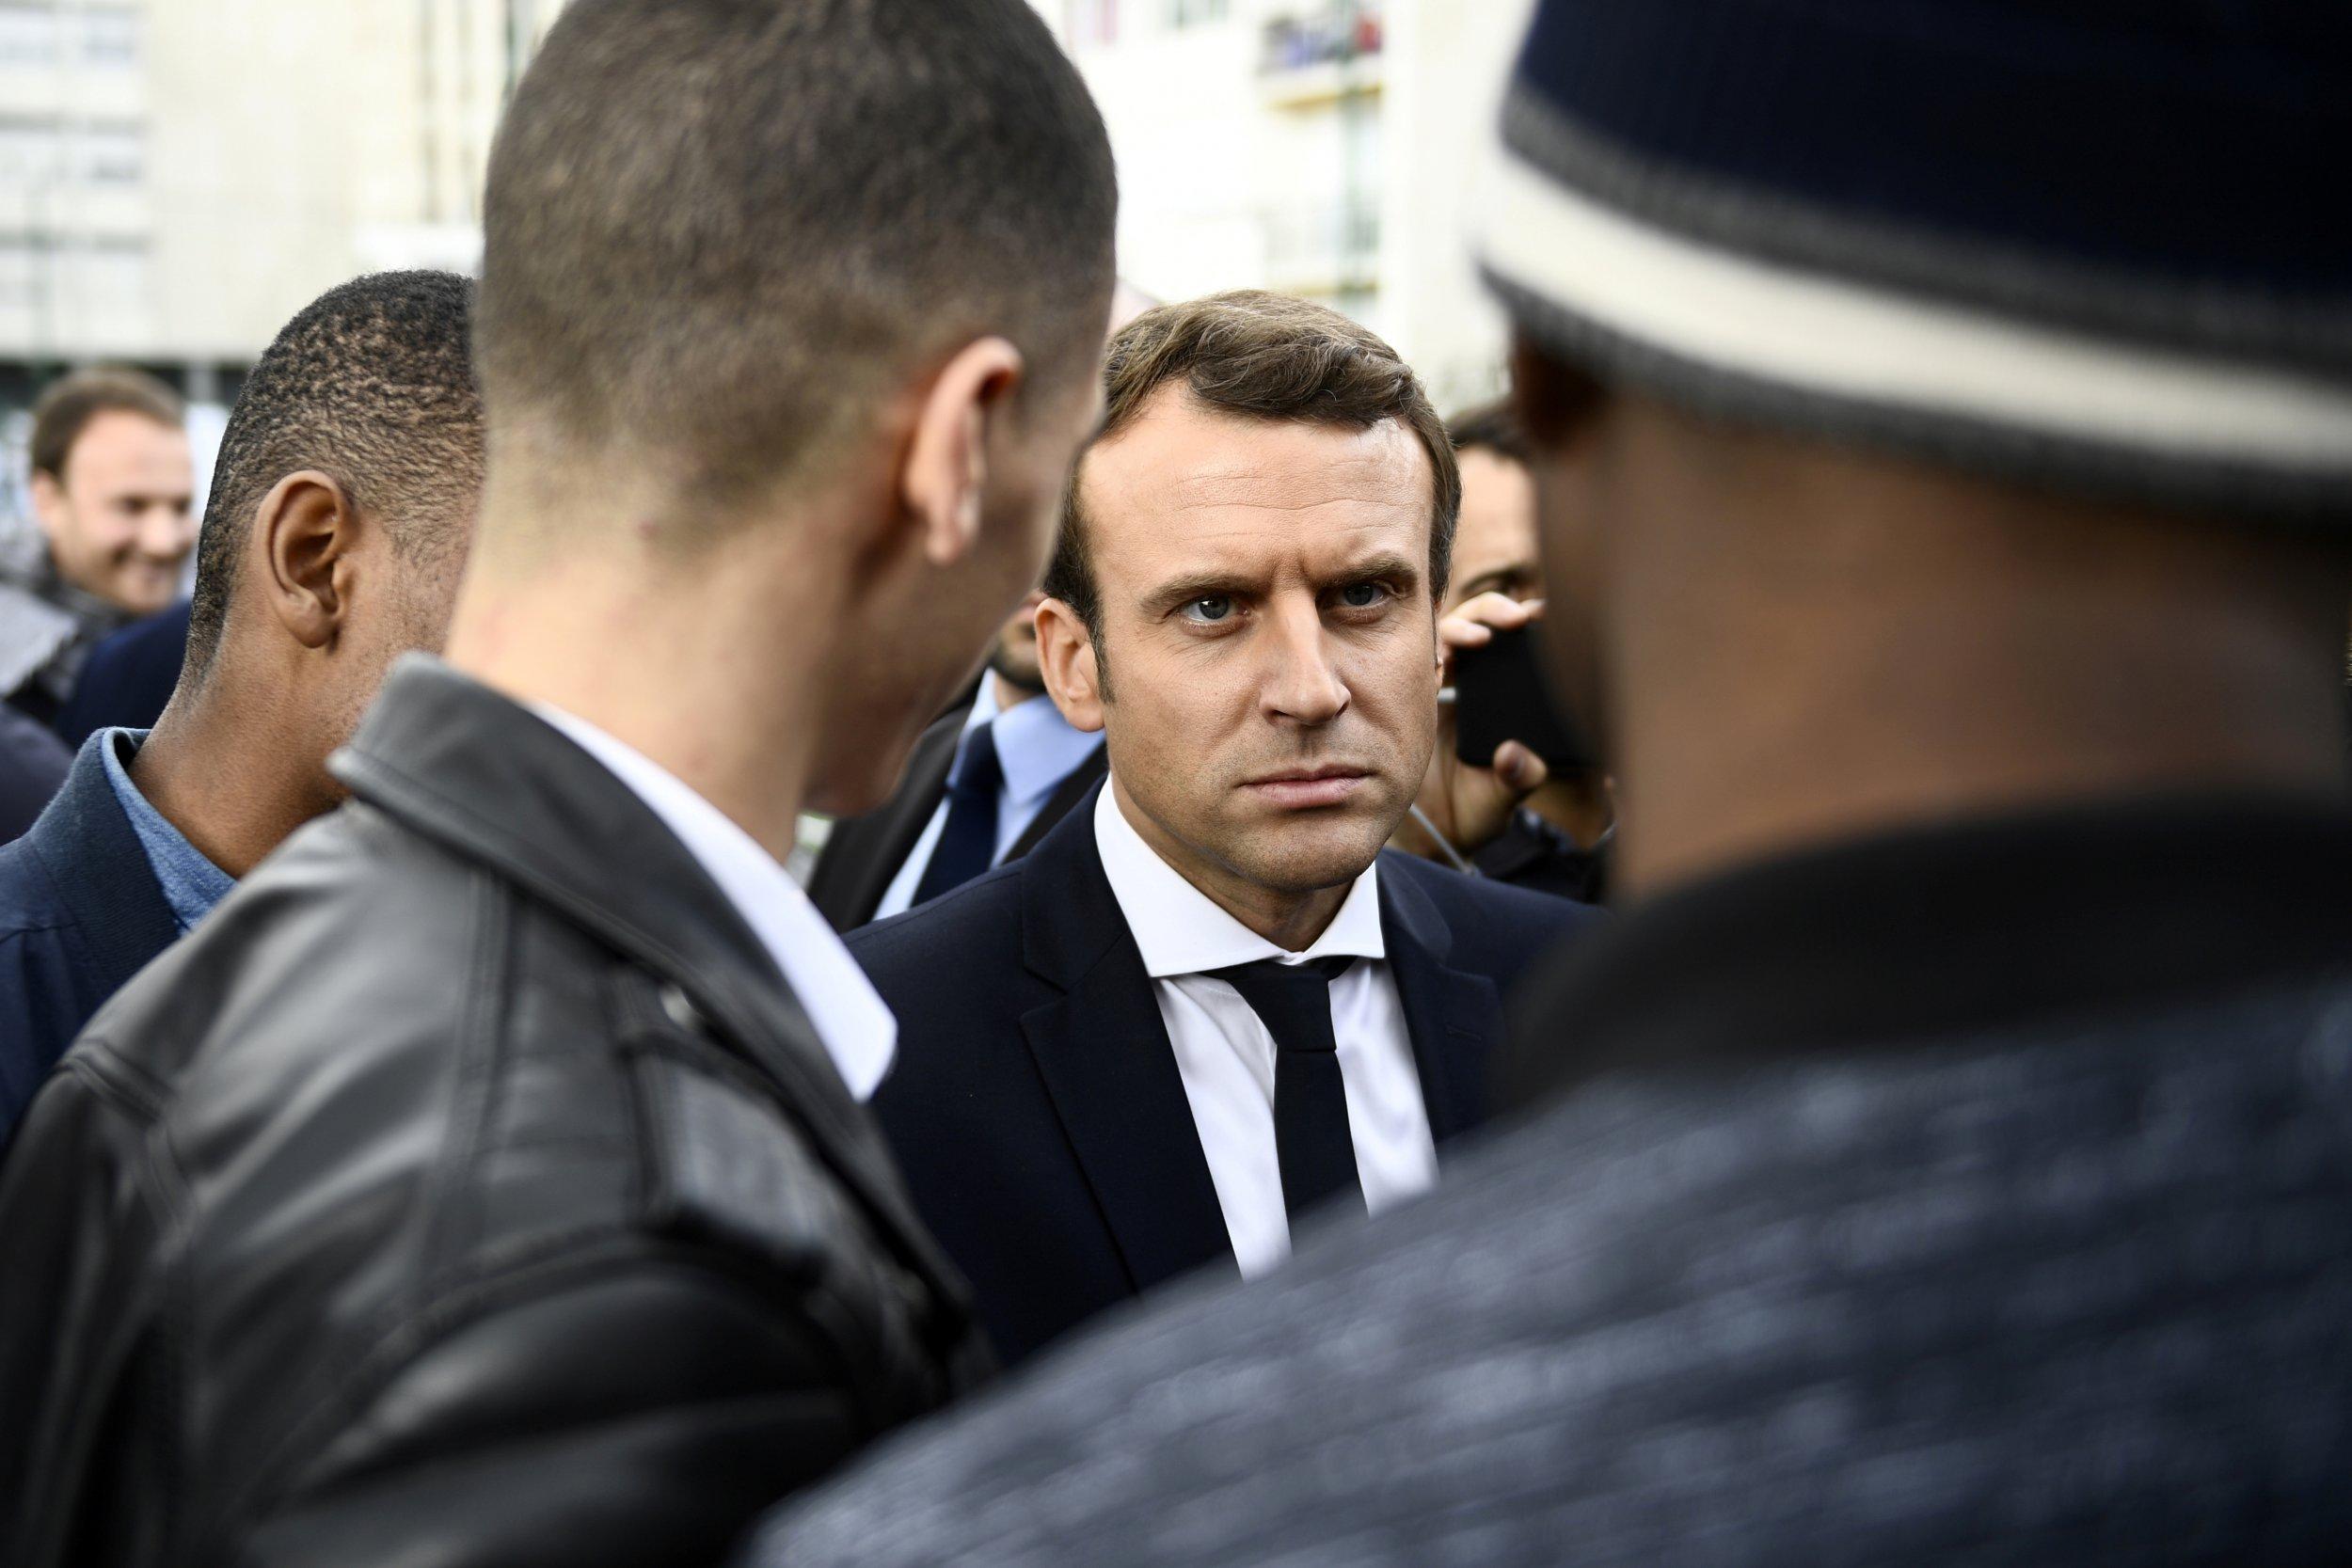 French Election: Emmanuel Macron's En Marche! Would Win ... Emmanuel Macron